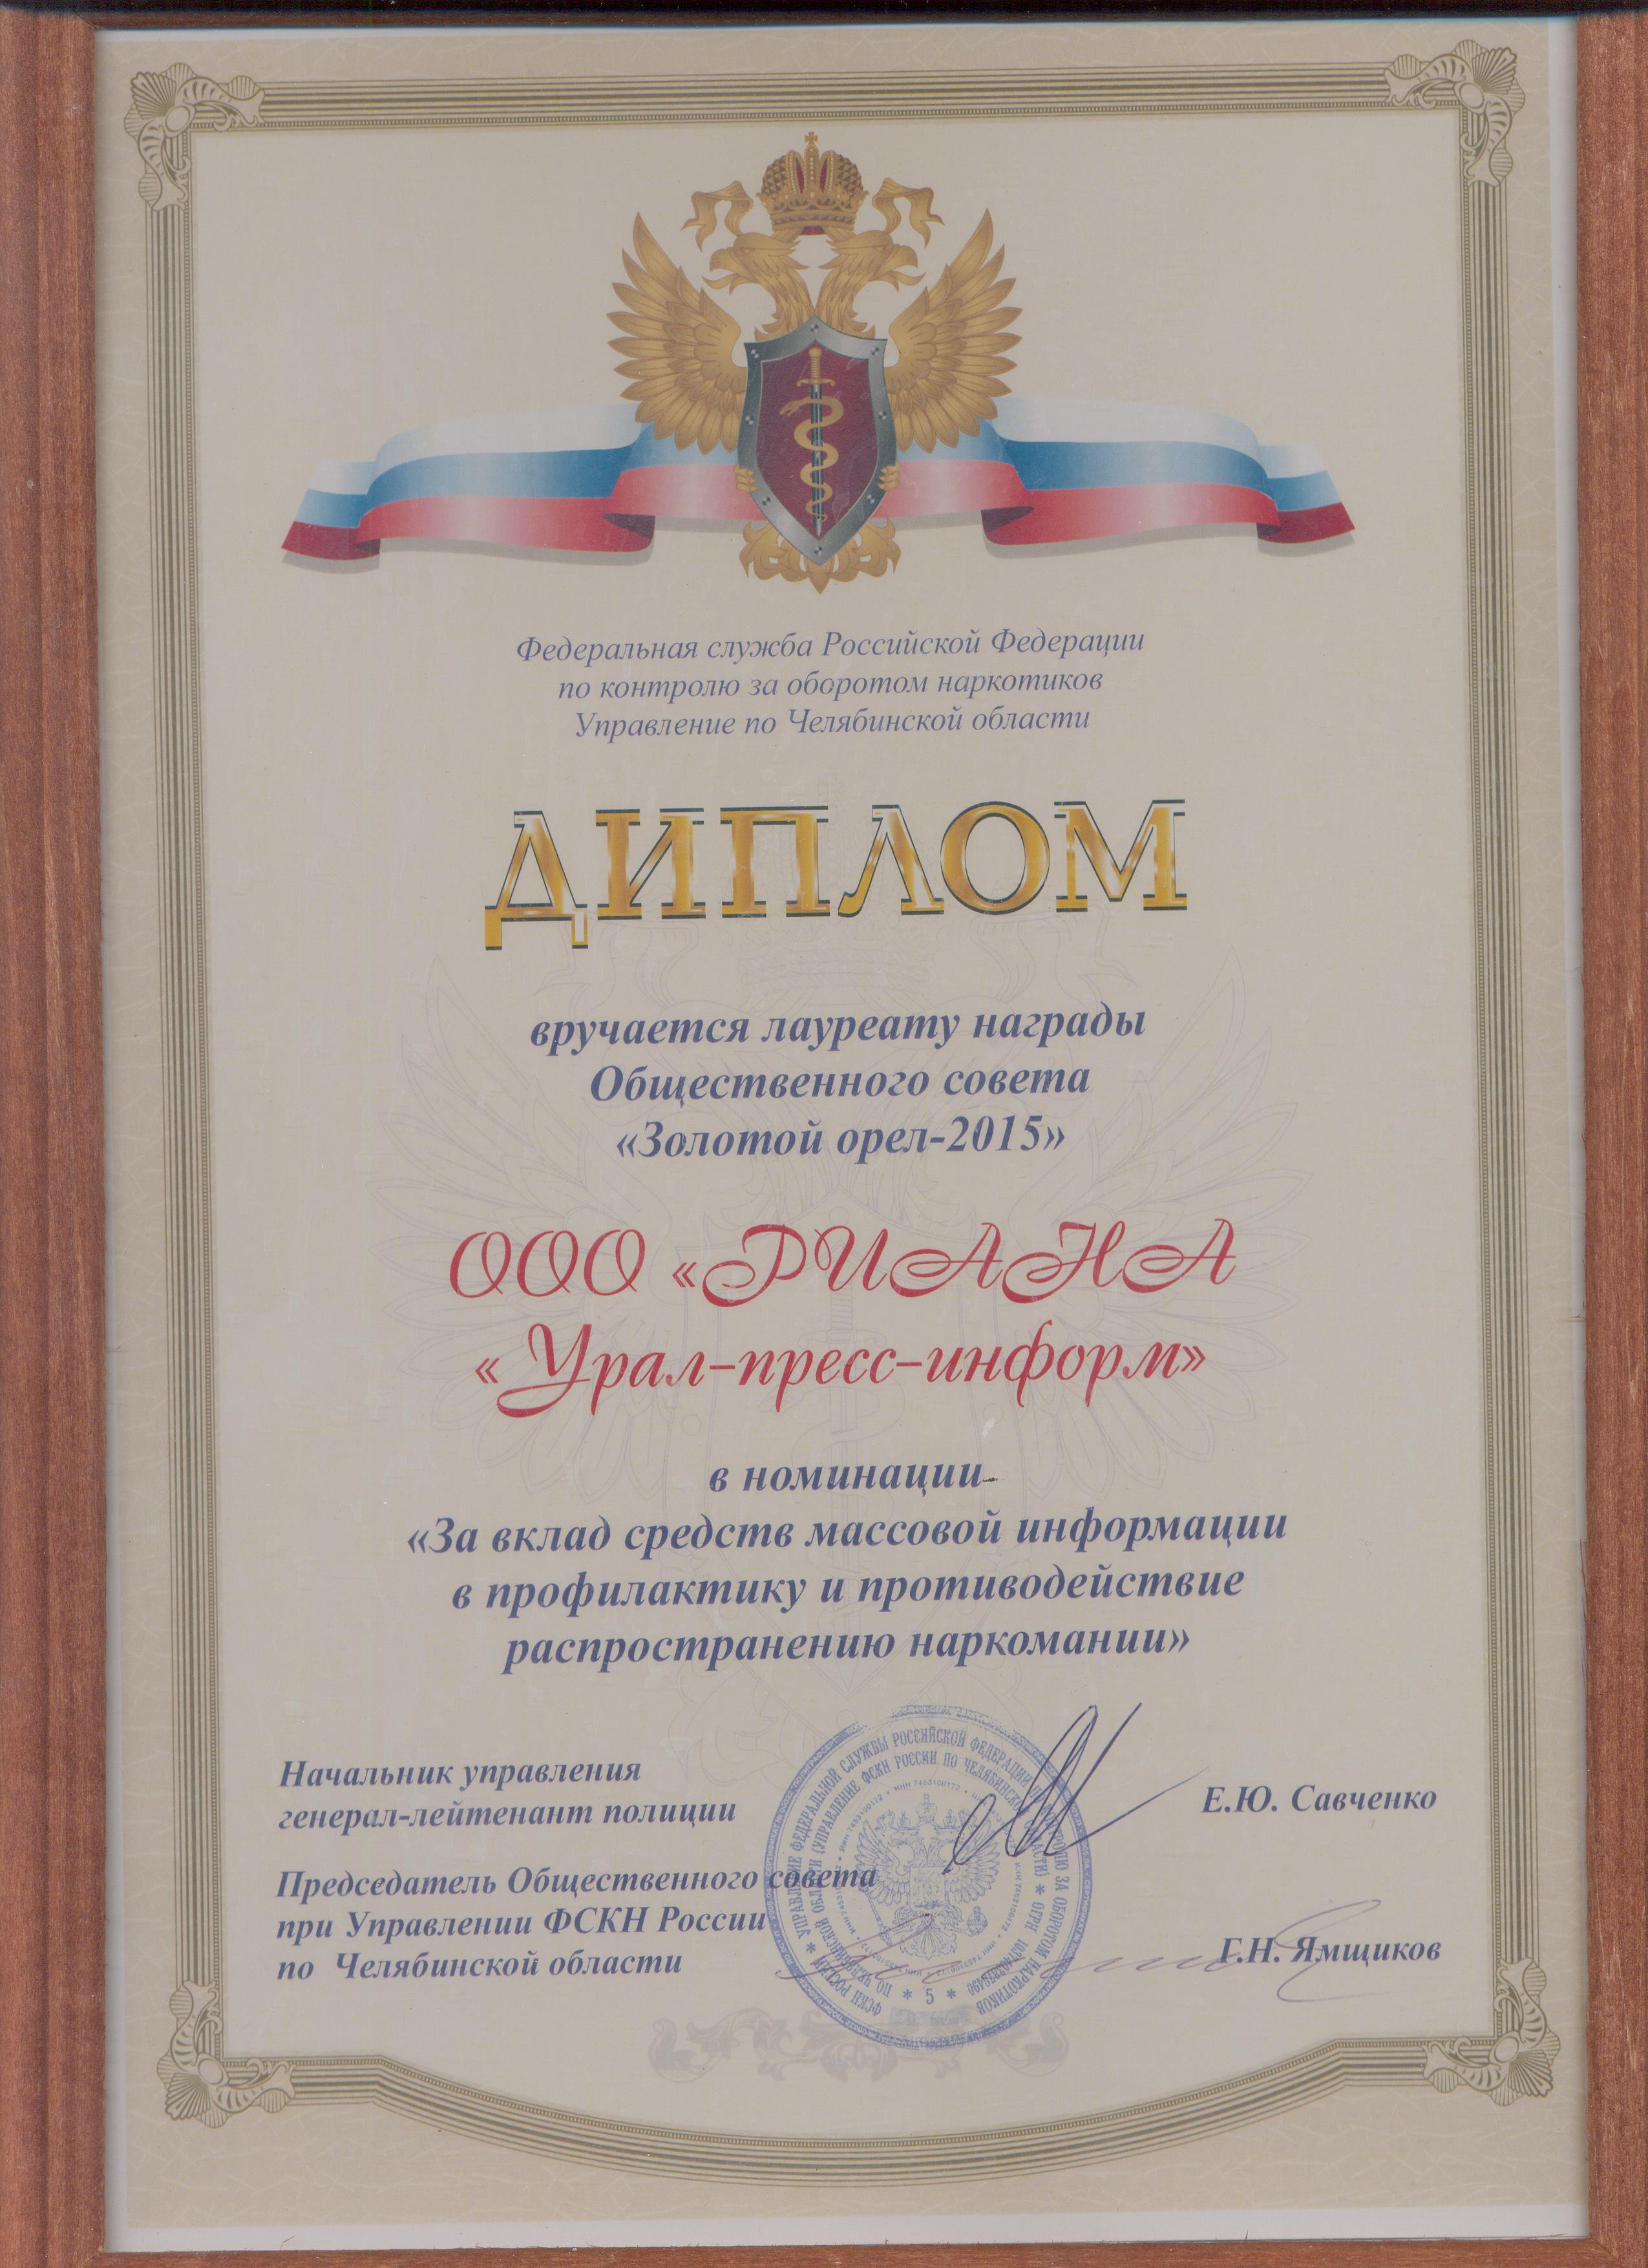 2015   Федеральная служба Российской Федерации по контролю за оборотом наркотиков